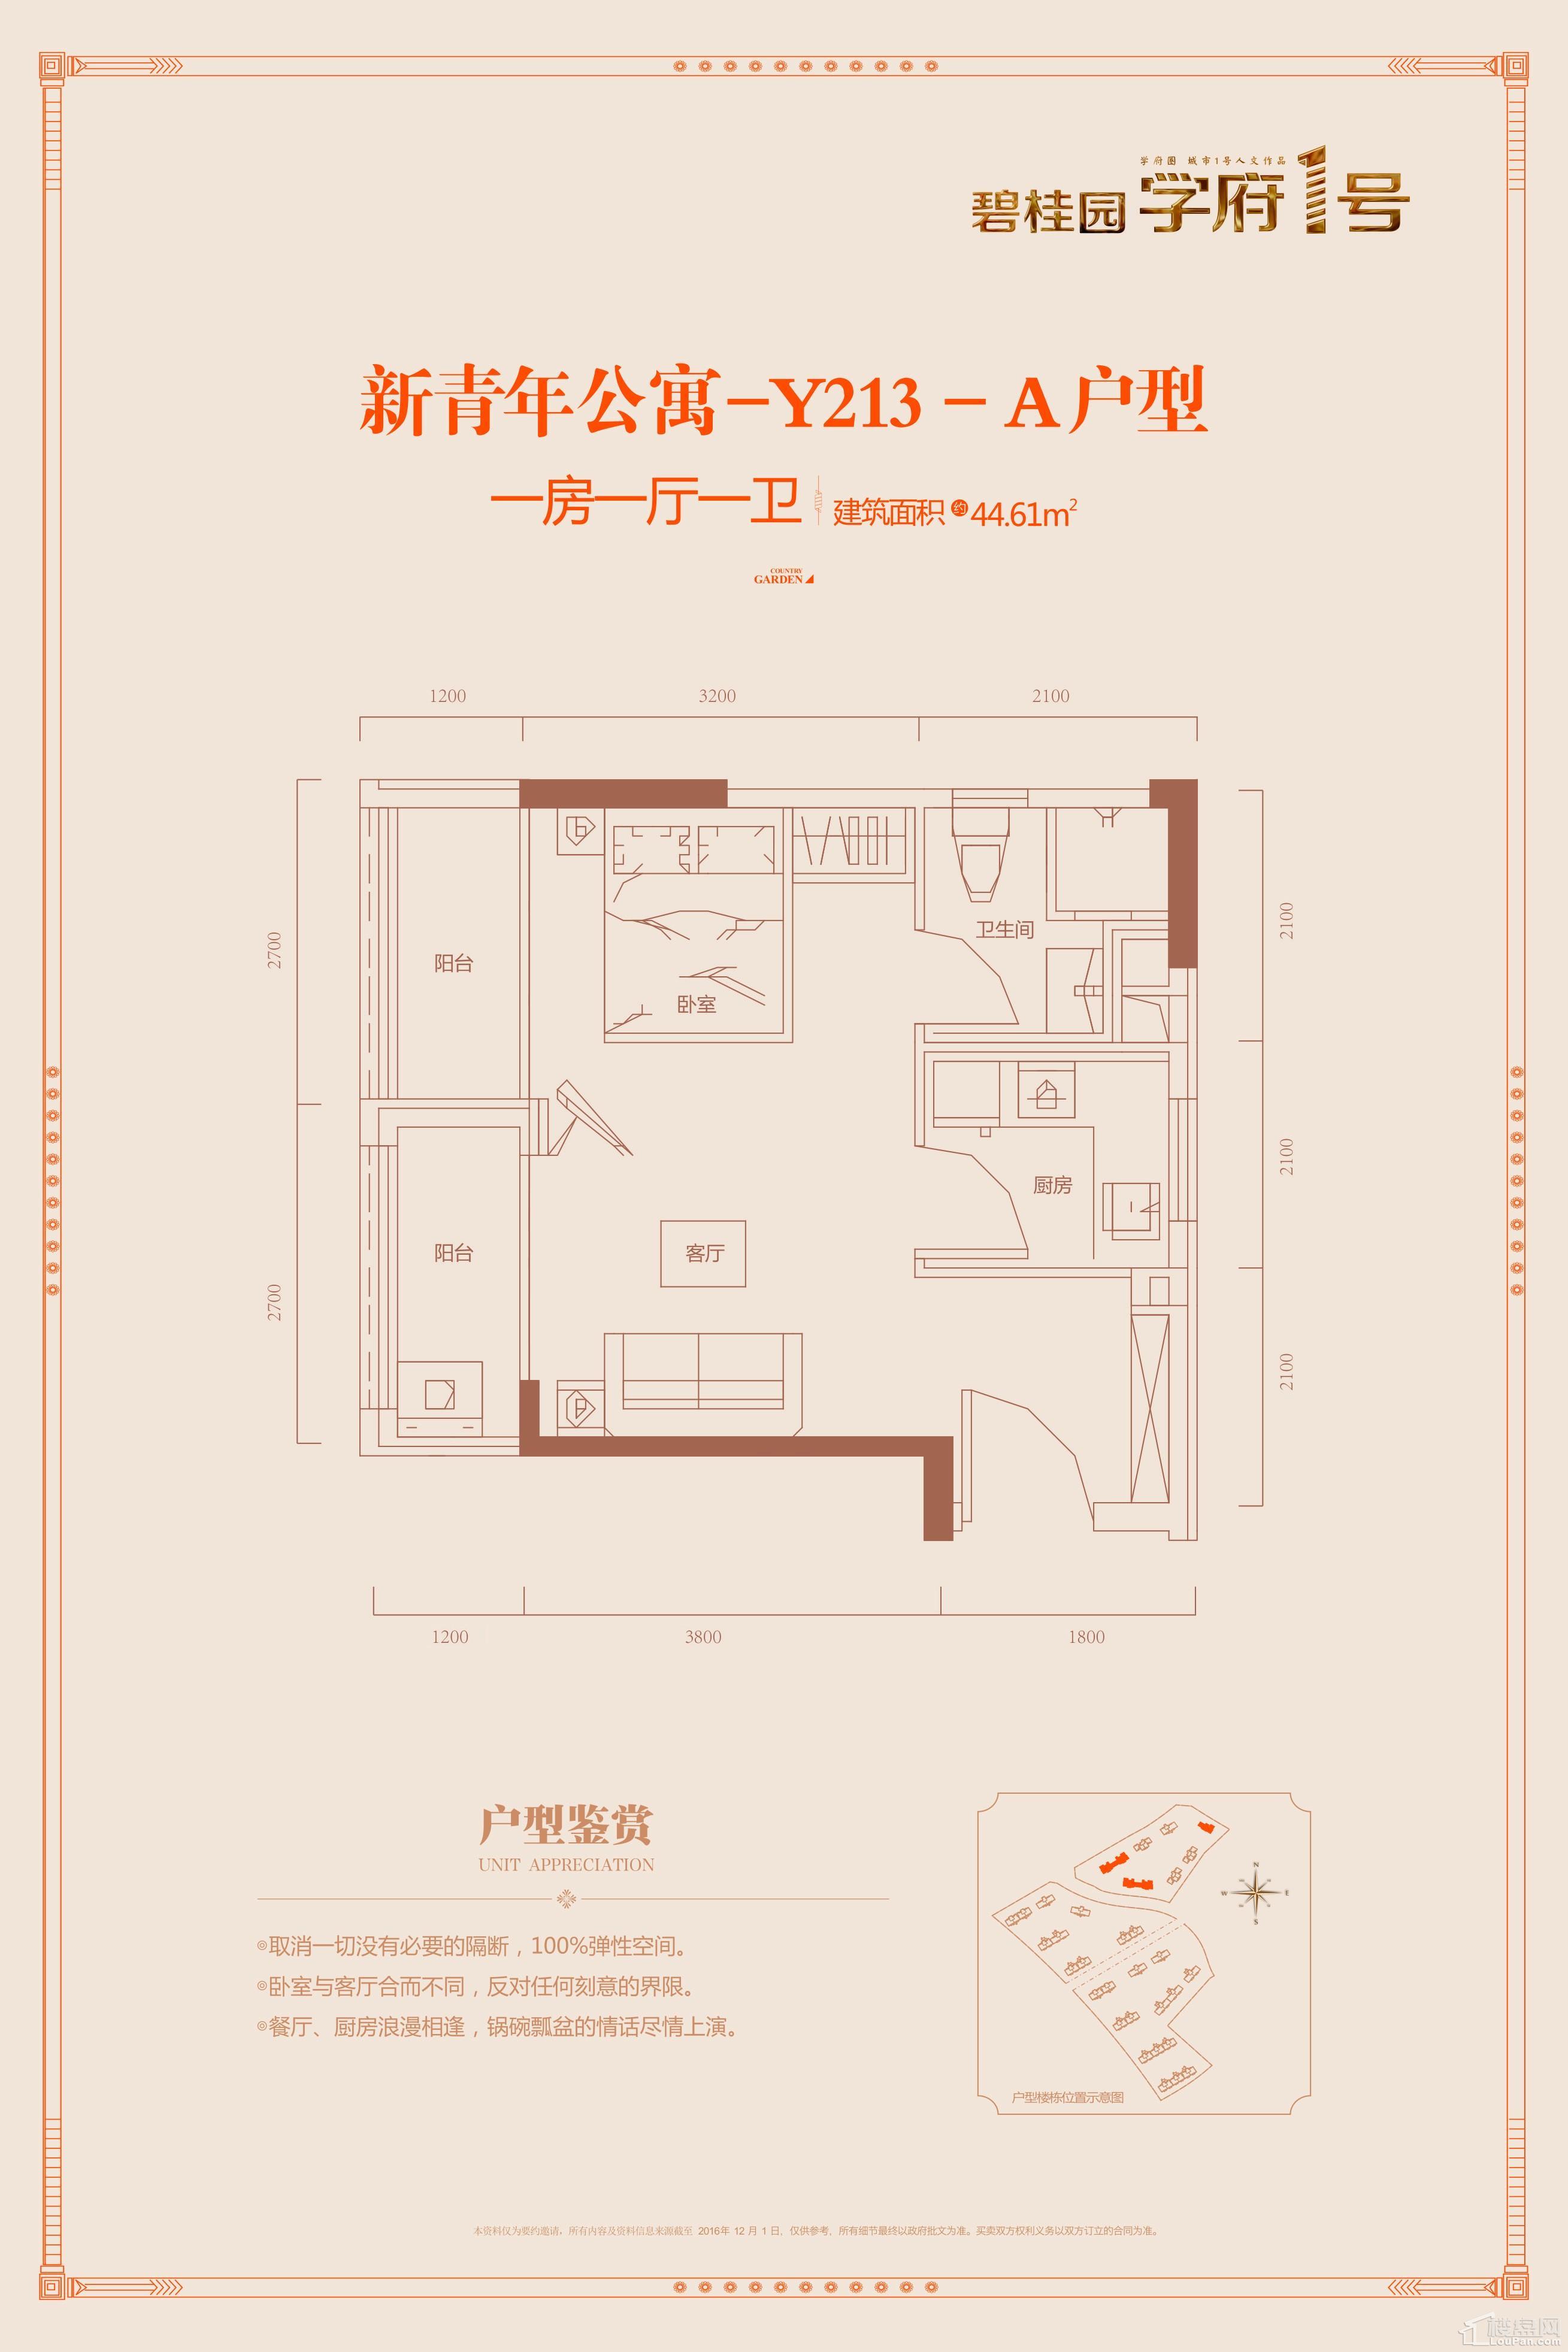 新青年公寓-Y213-A户型